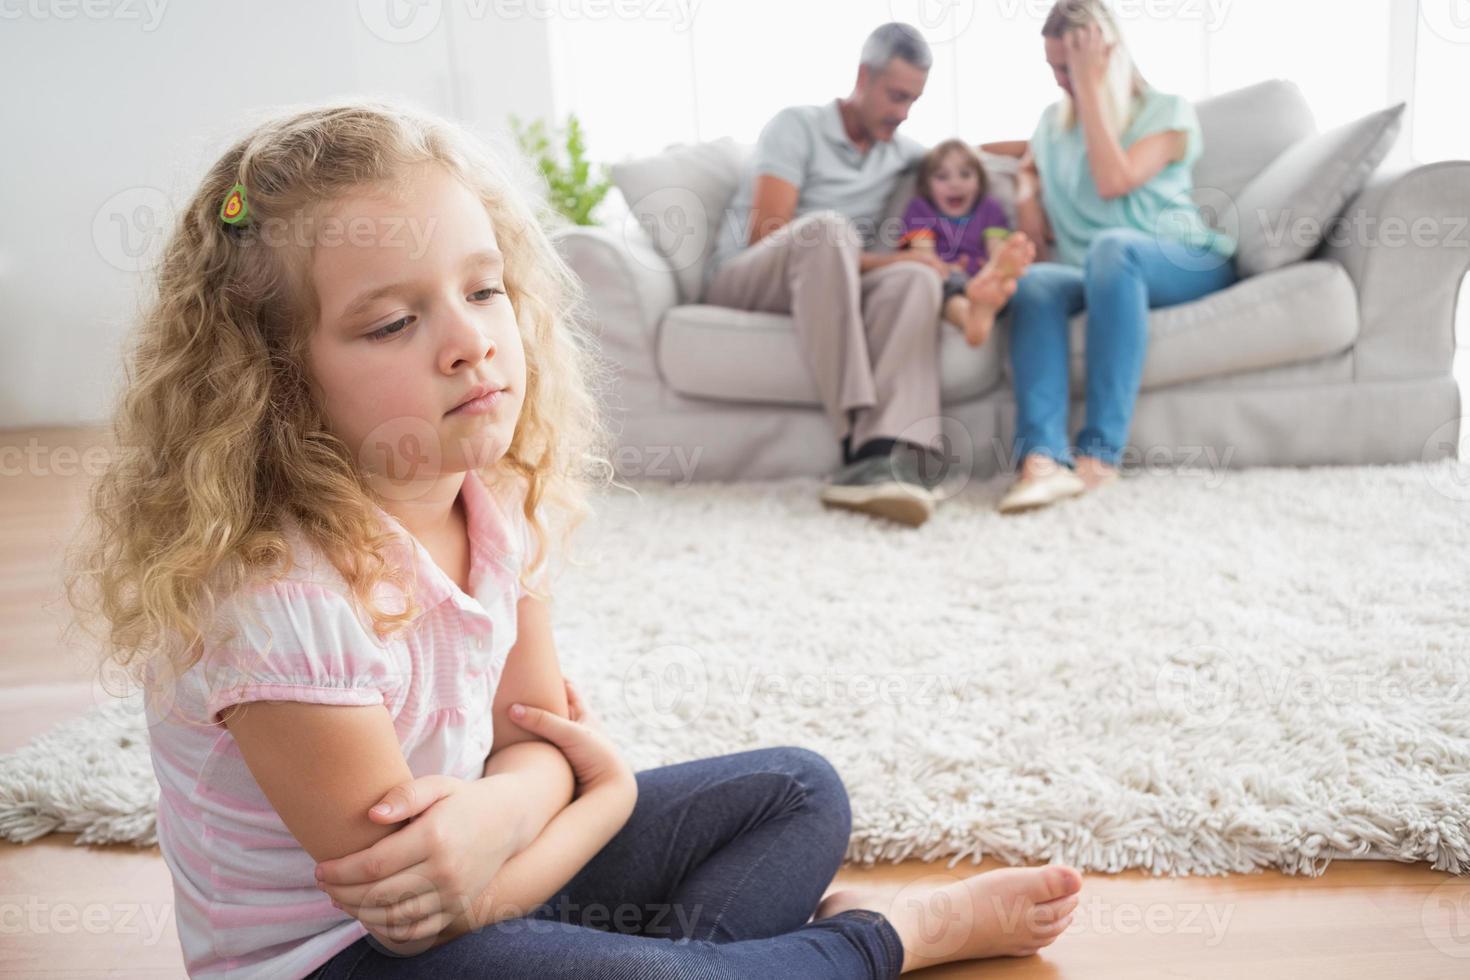 chateada menina sentada no chão enquanto os pais desfrutando com o irmão foto